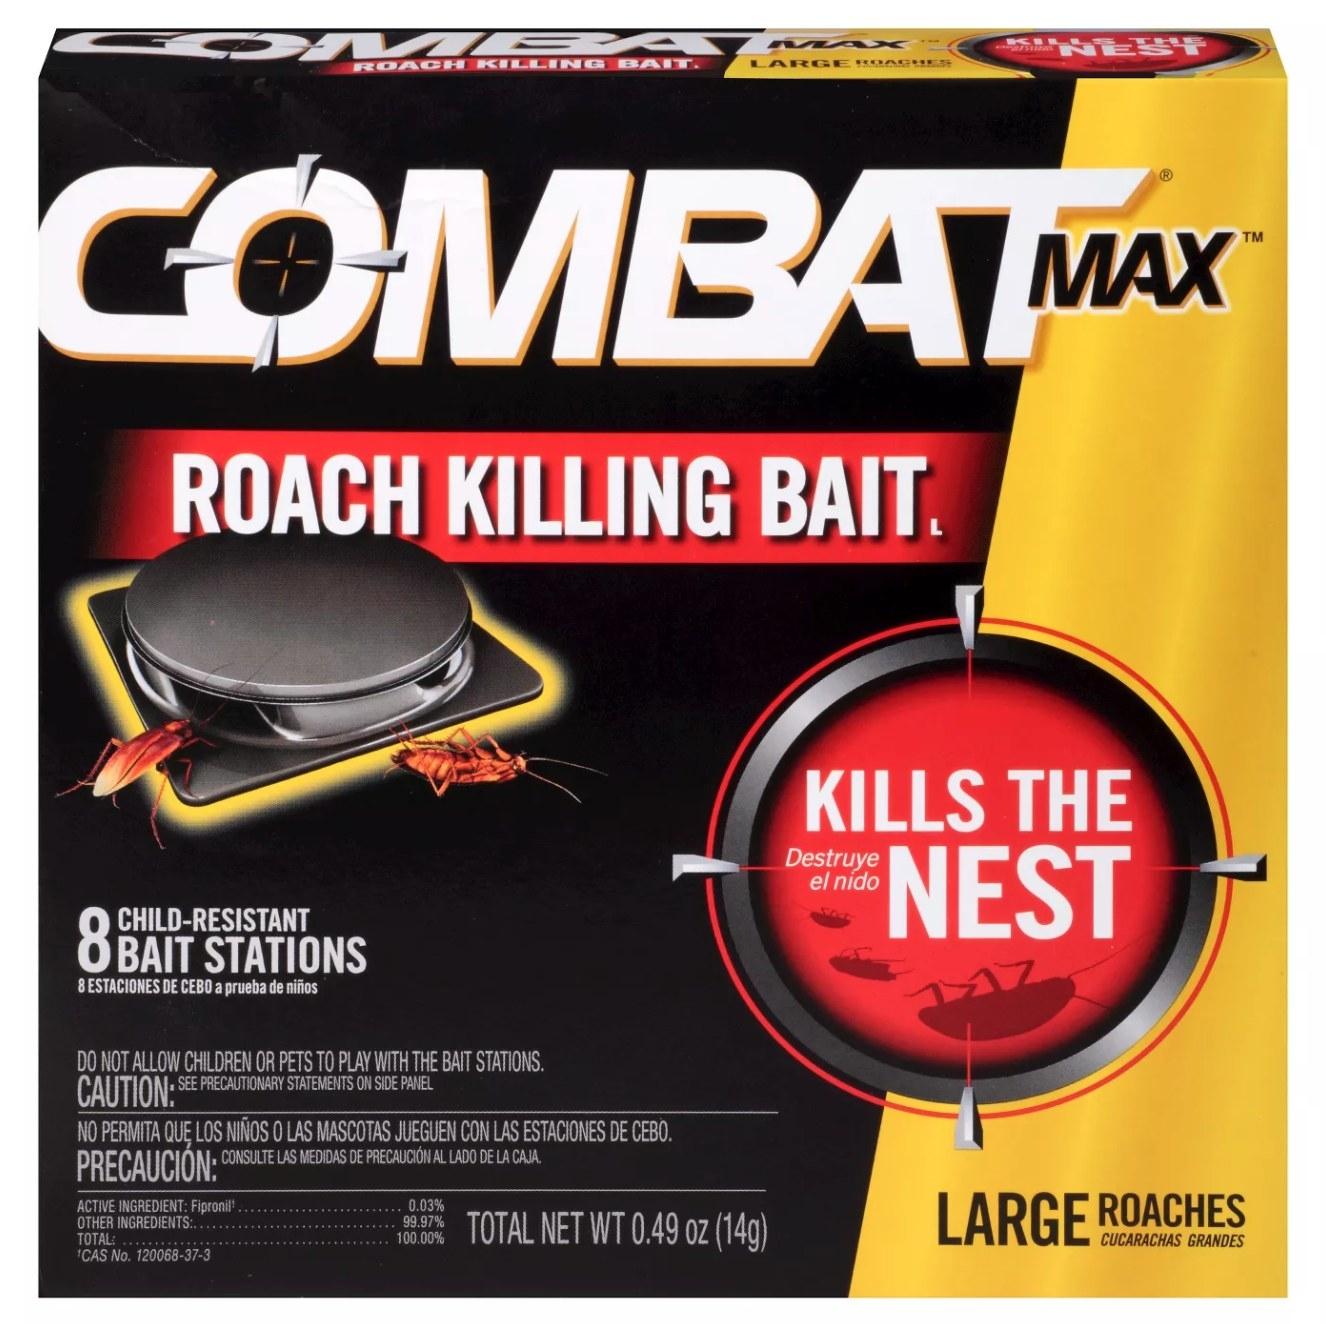 The roach bait